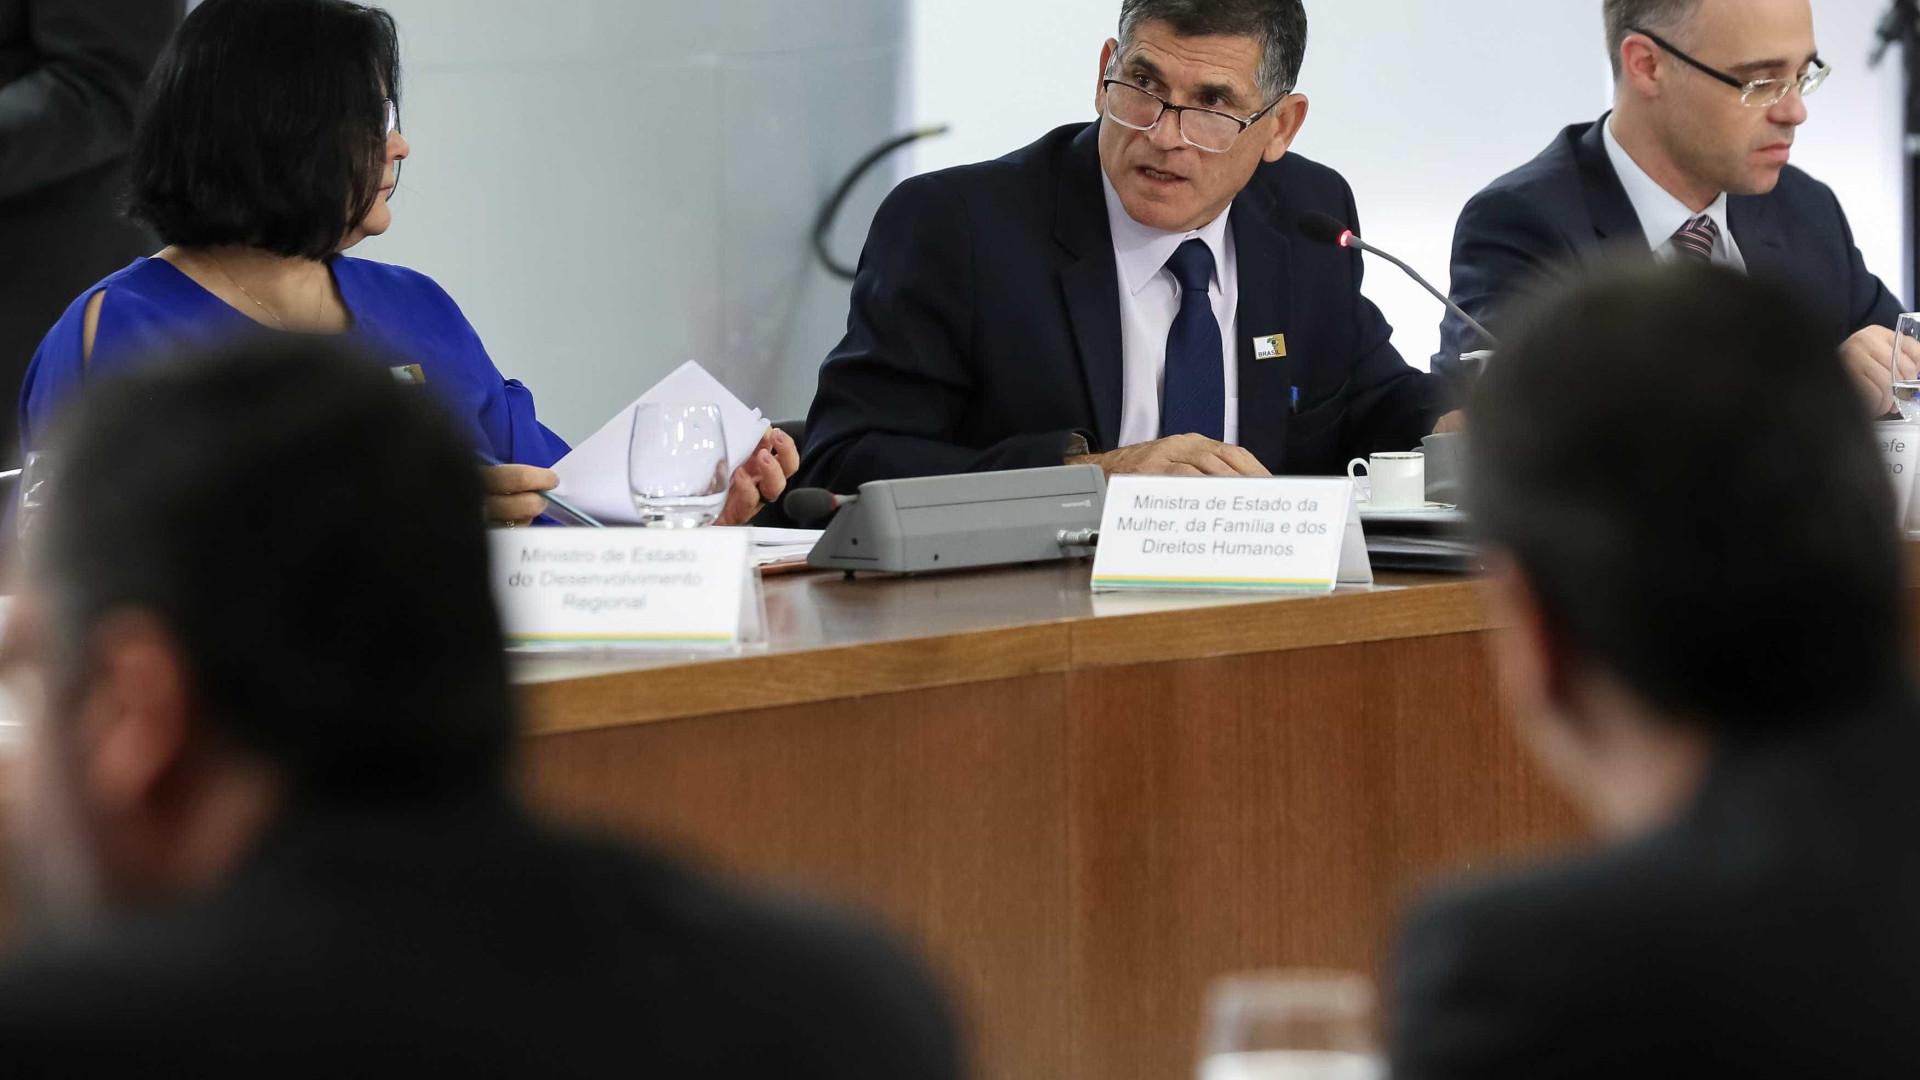 Gestão Bolsonaro não terá marqueteiro, diz ministro